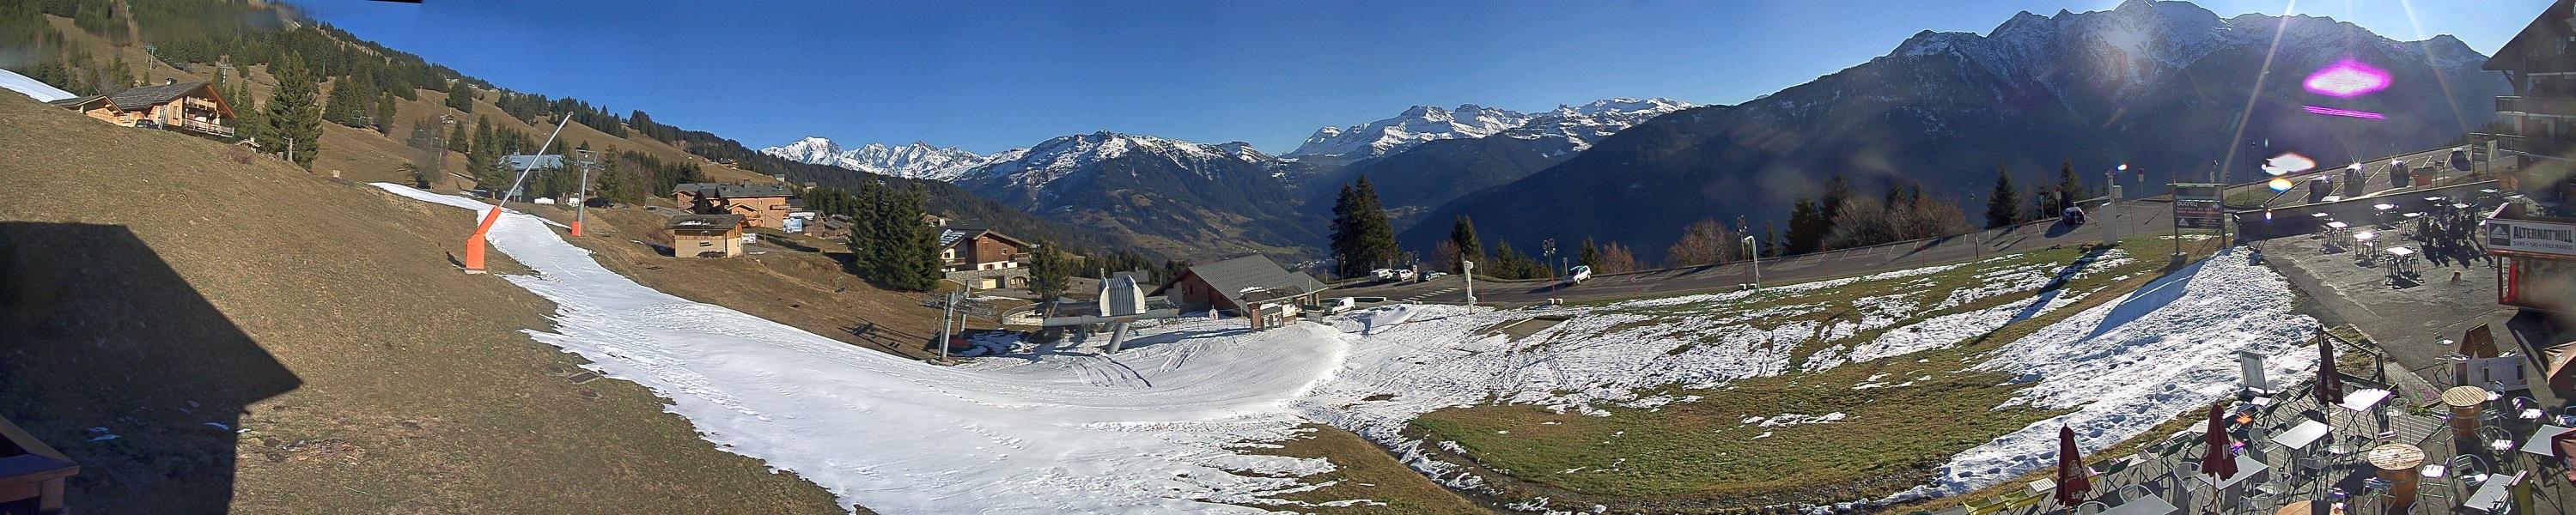 L'accès skis aux pieds à Bisanne 1500 sera possible, sur une mince bande de neige artificielle...